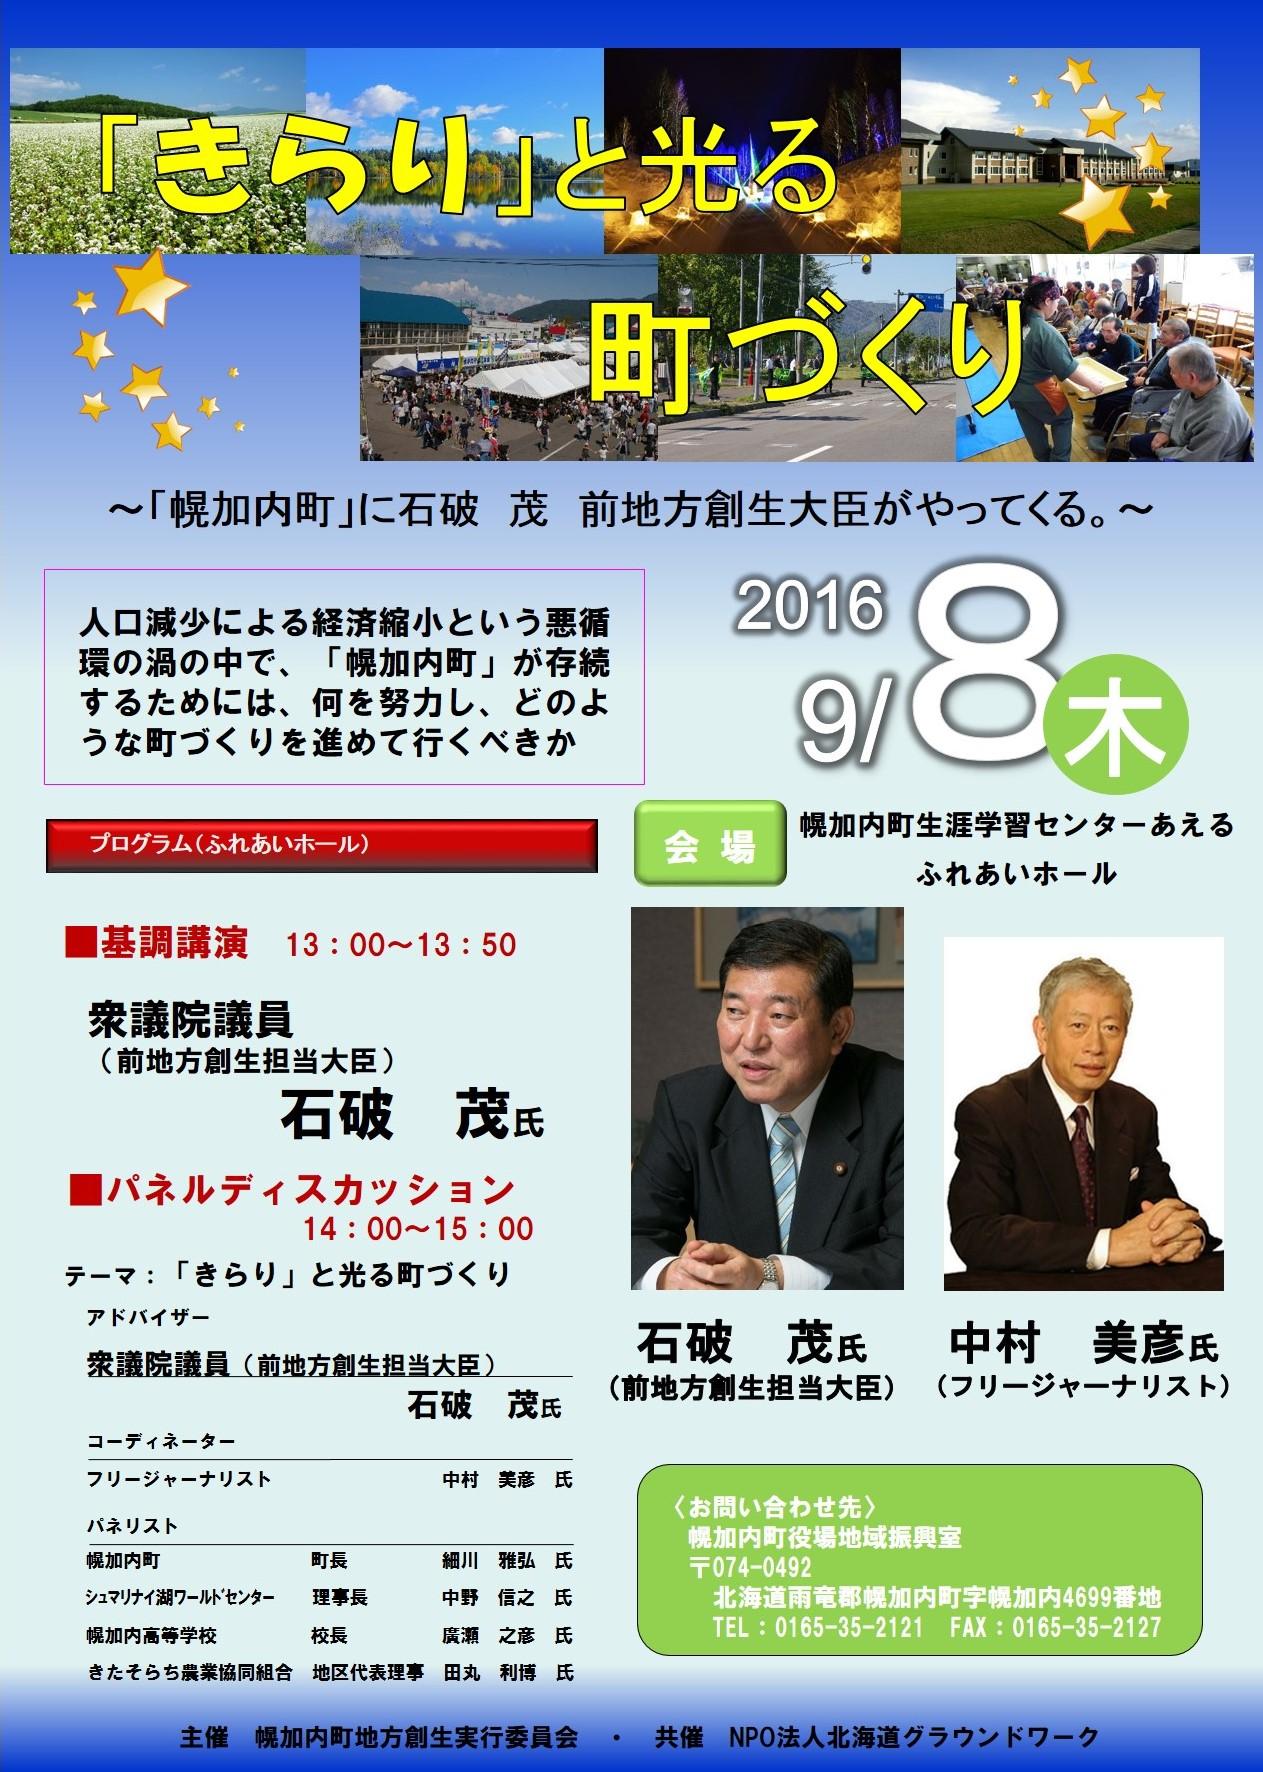 20160908幌加内石破大臣イベントチラシ最終版